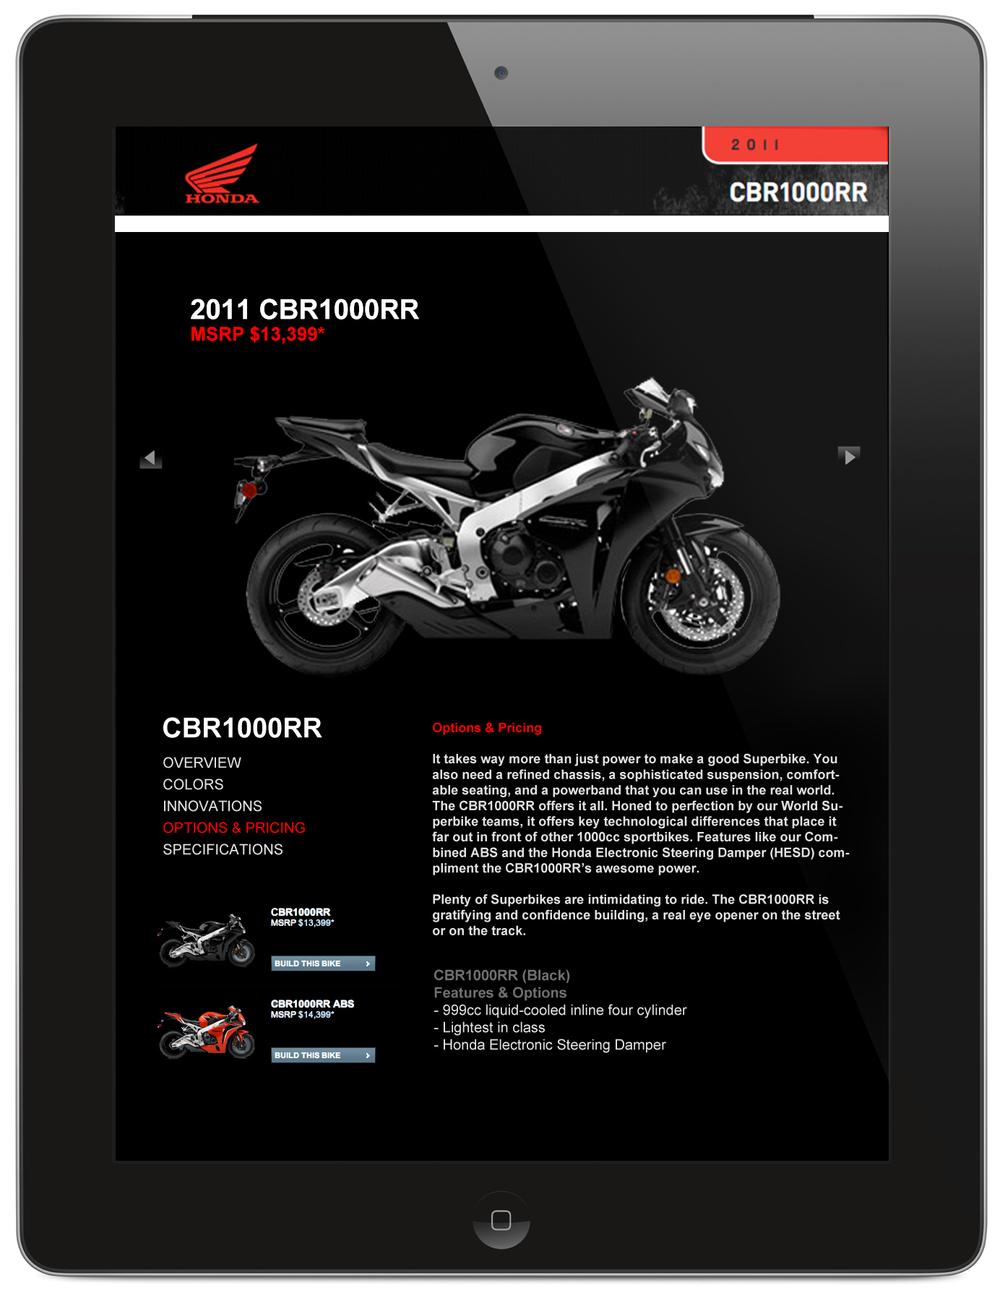 Honda_iPad_App_Pricing.jpg